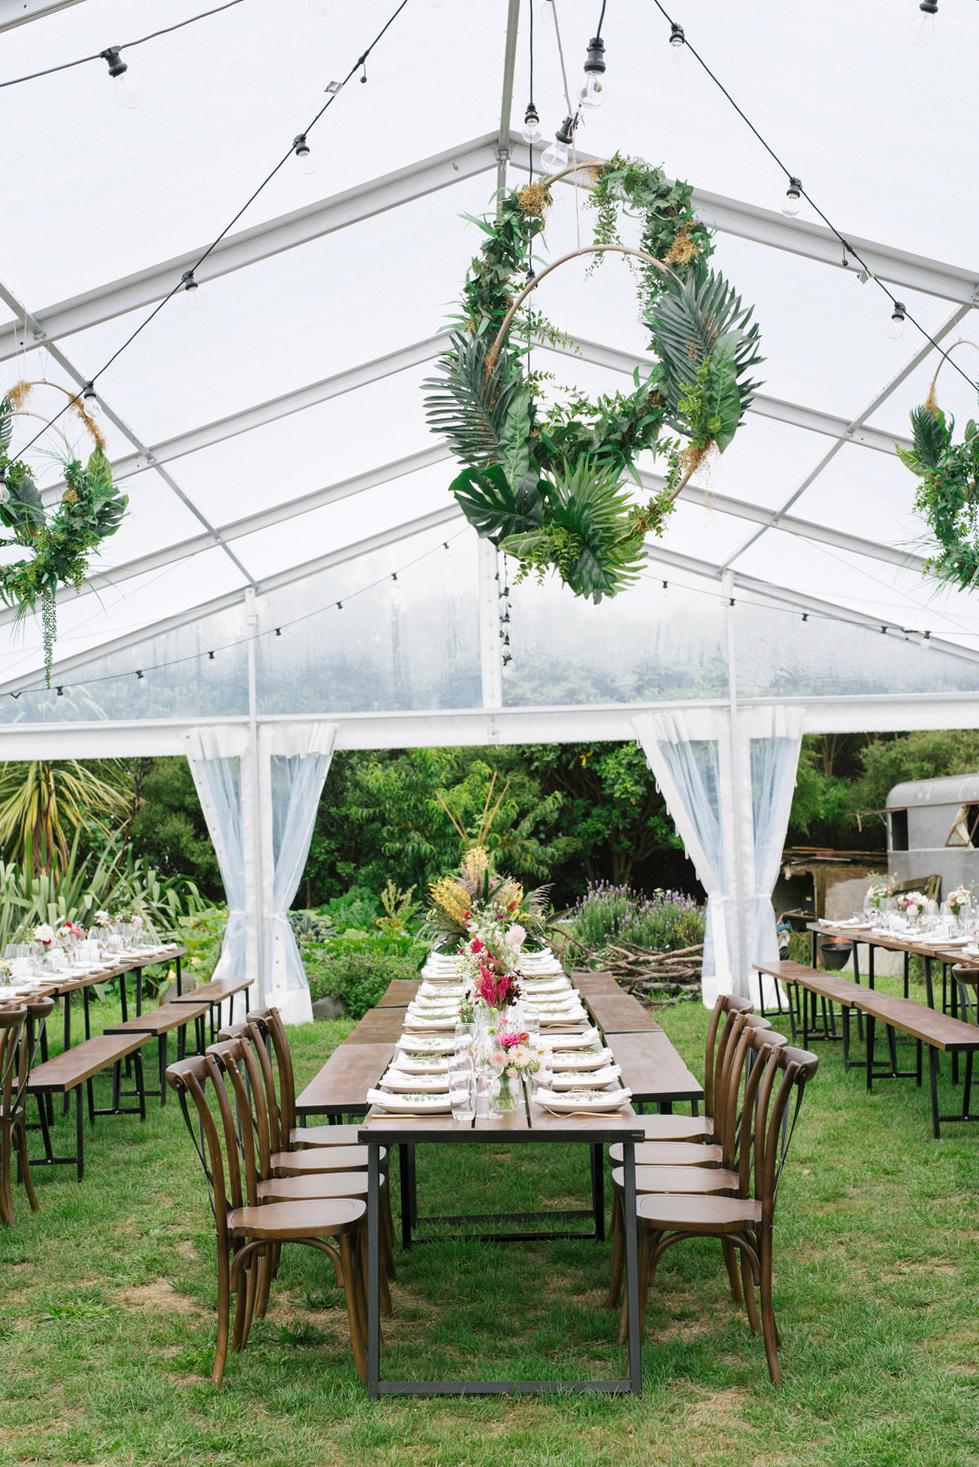 Bottega53©-new zealand wedding - lynsday&dillan-47.JPG